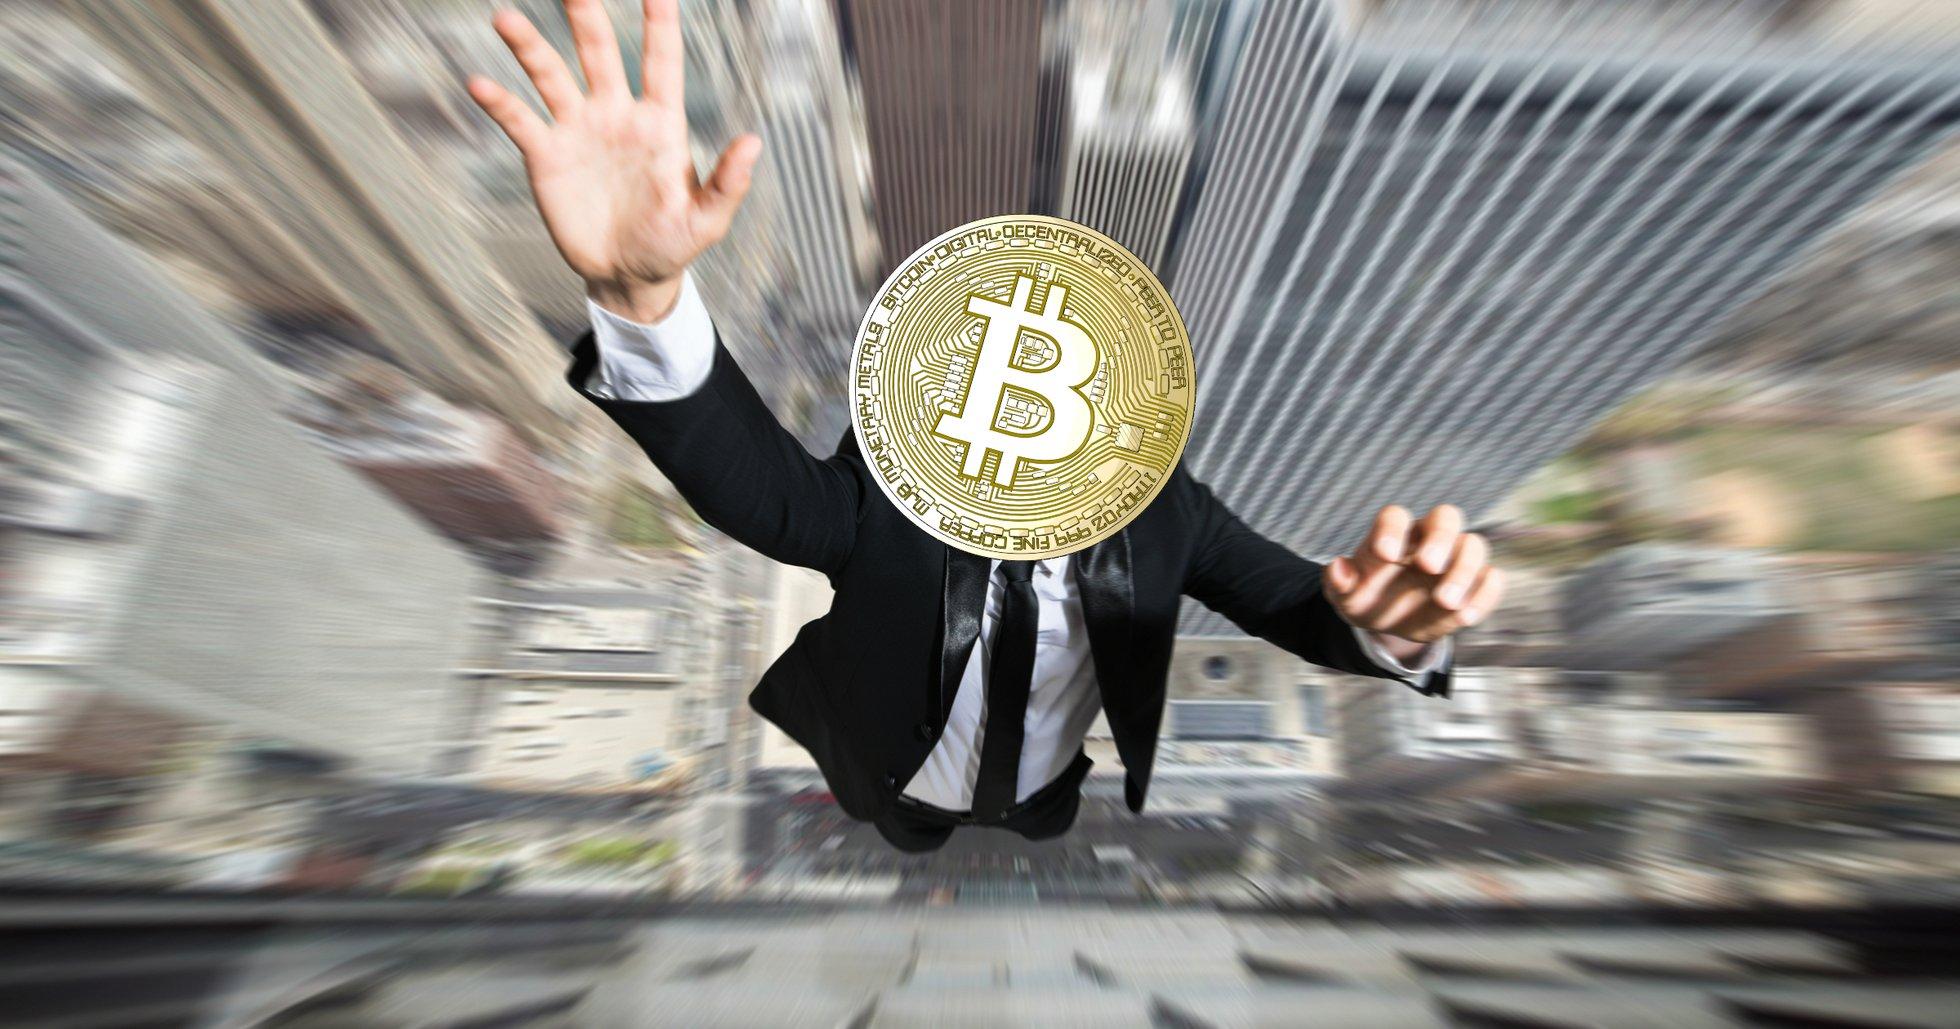 Bitcoinpriset faller under 30 000 dollar – men svensk analytiker tror på nya rekord snart.